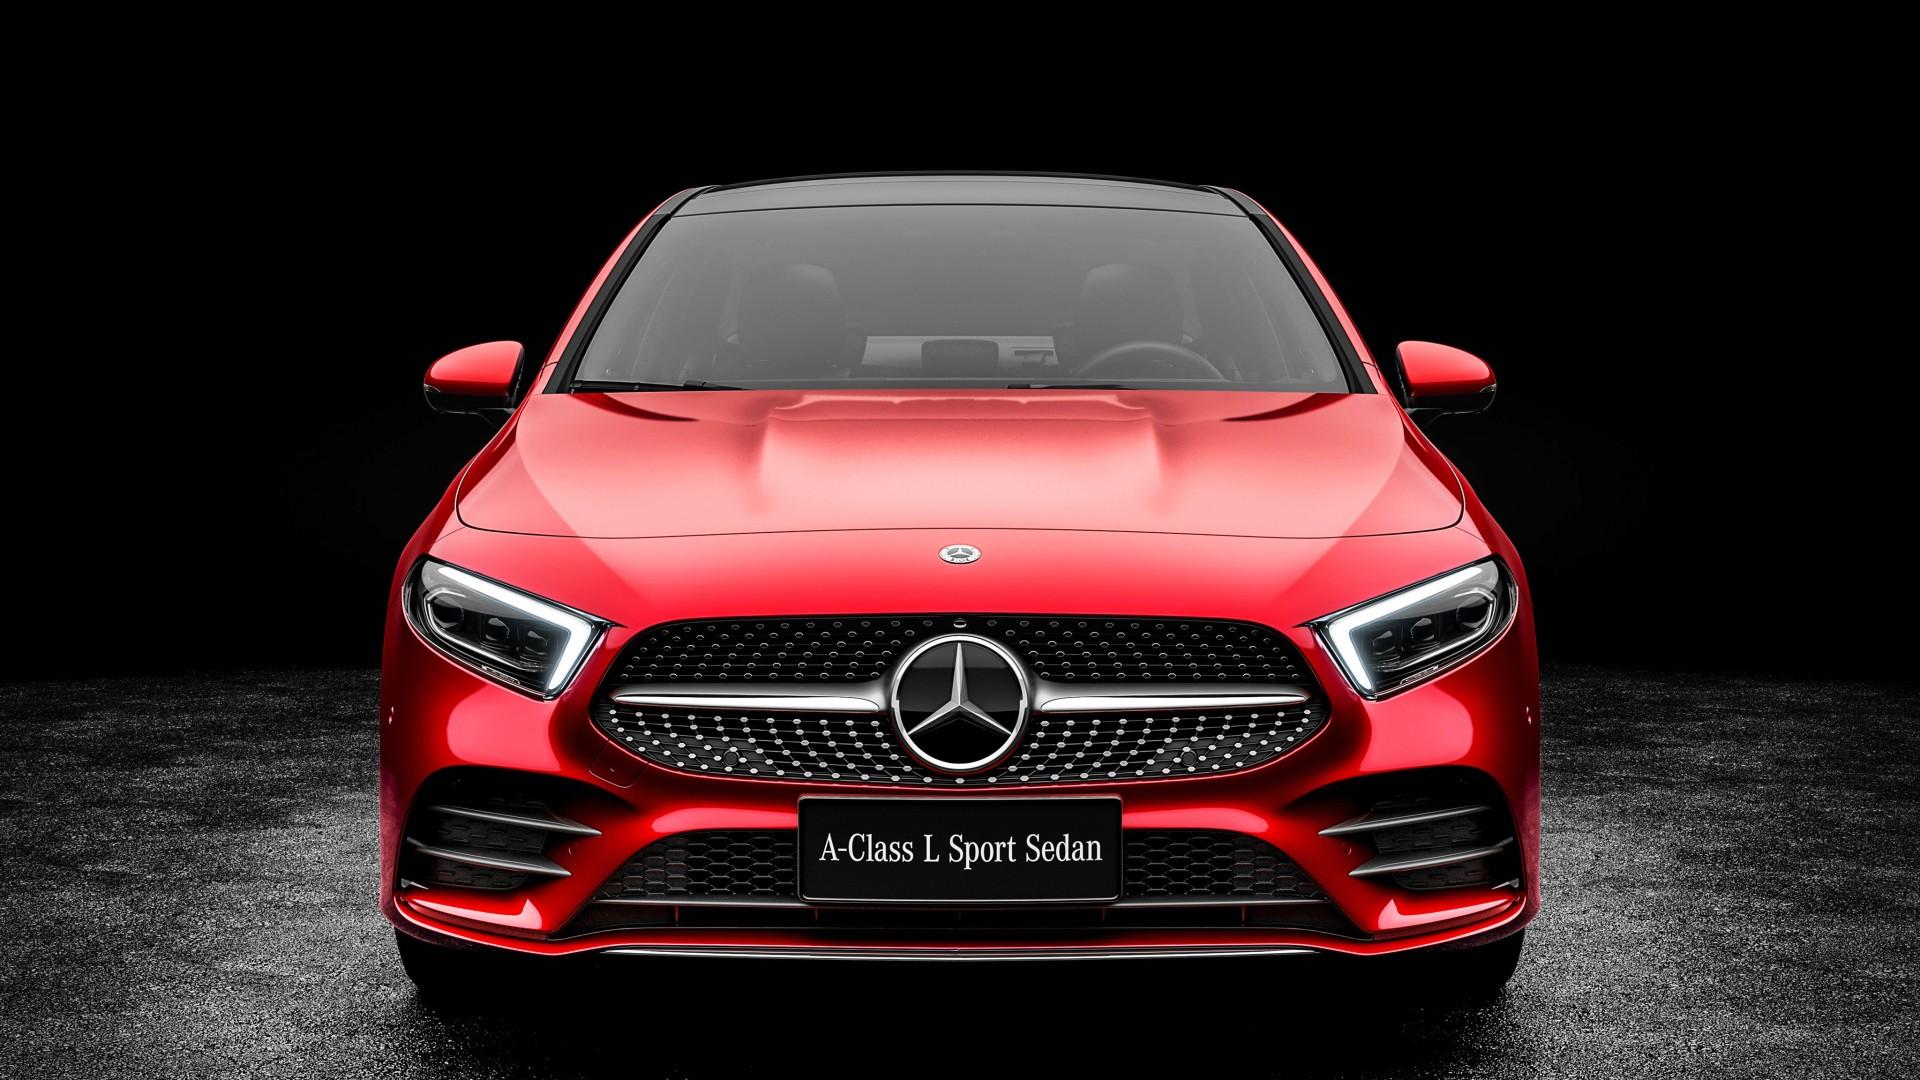 2019 Mercedes Benz A200 L Sport Sedan 4k 3 Wallpaper Hd Car Wallpapers Id 10305